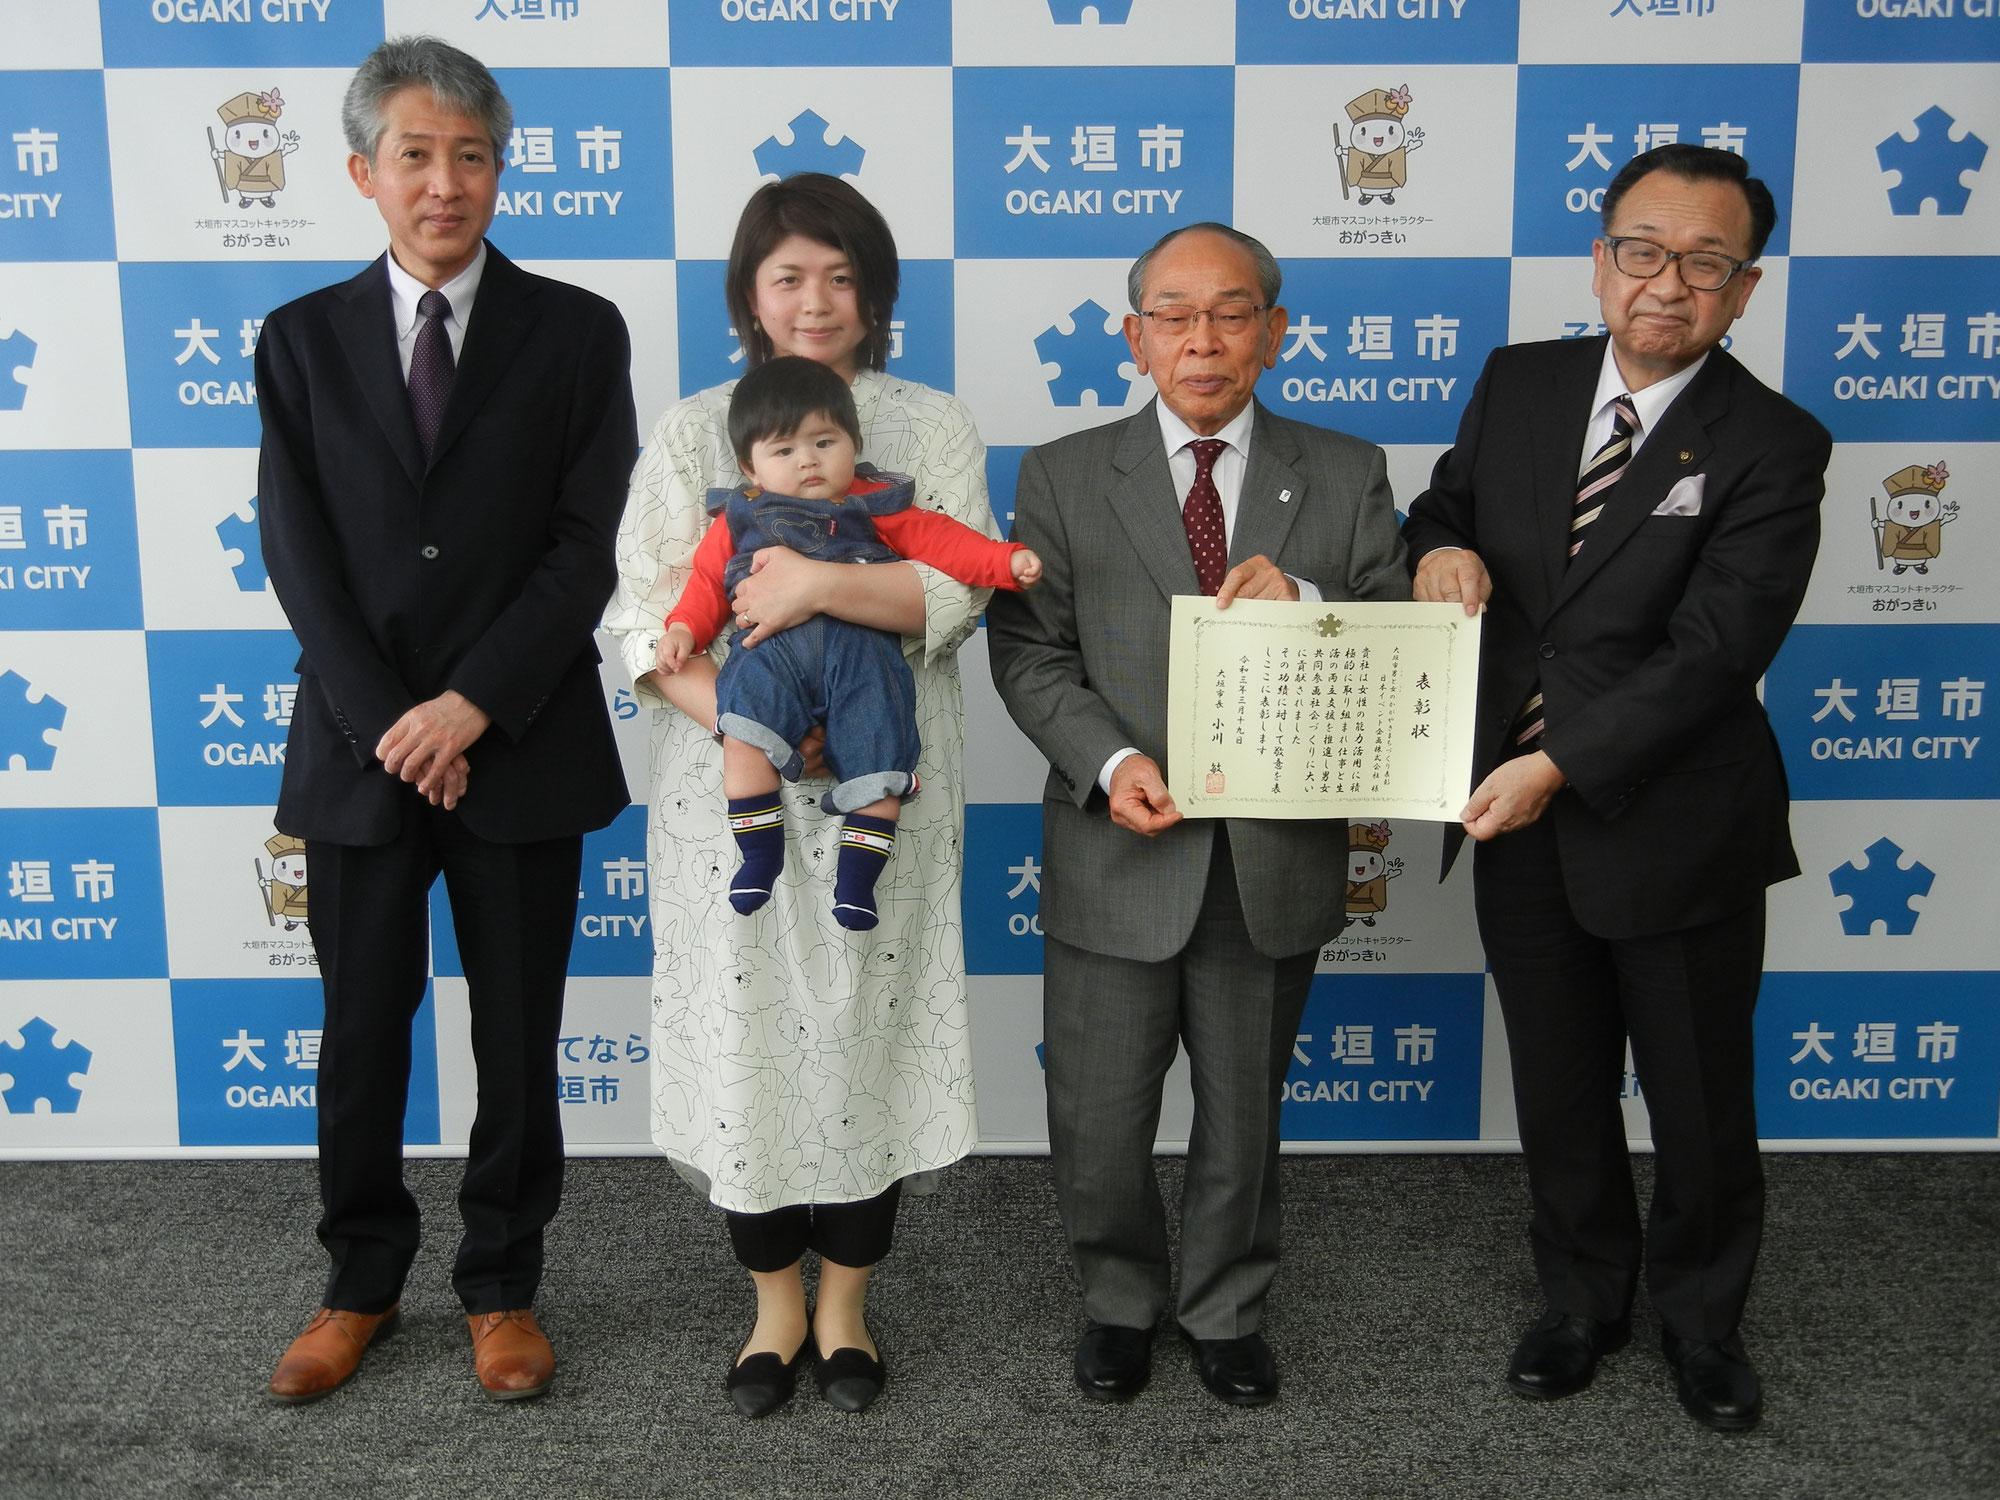 大垣市男(ひと)と女(ひと)のかがやきまちづくり表彰式にて表彰されました